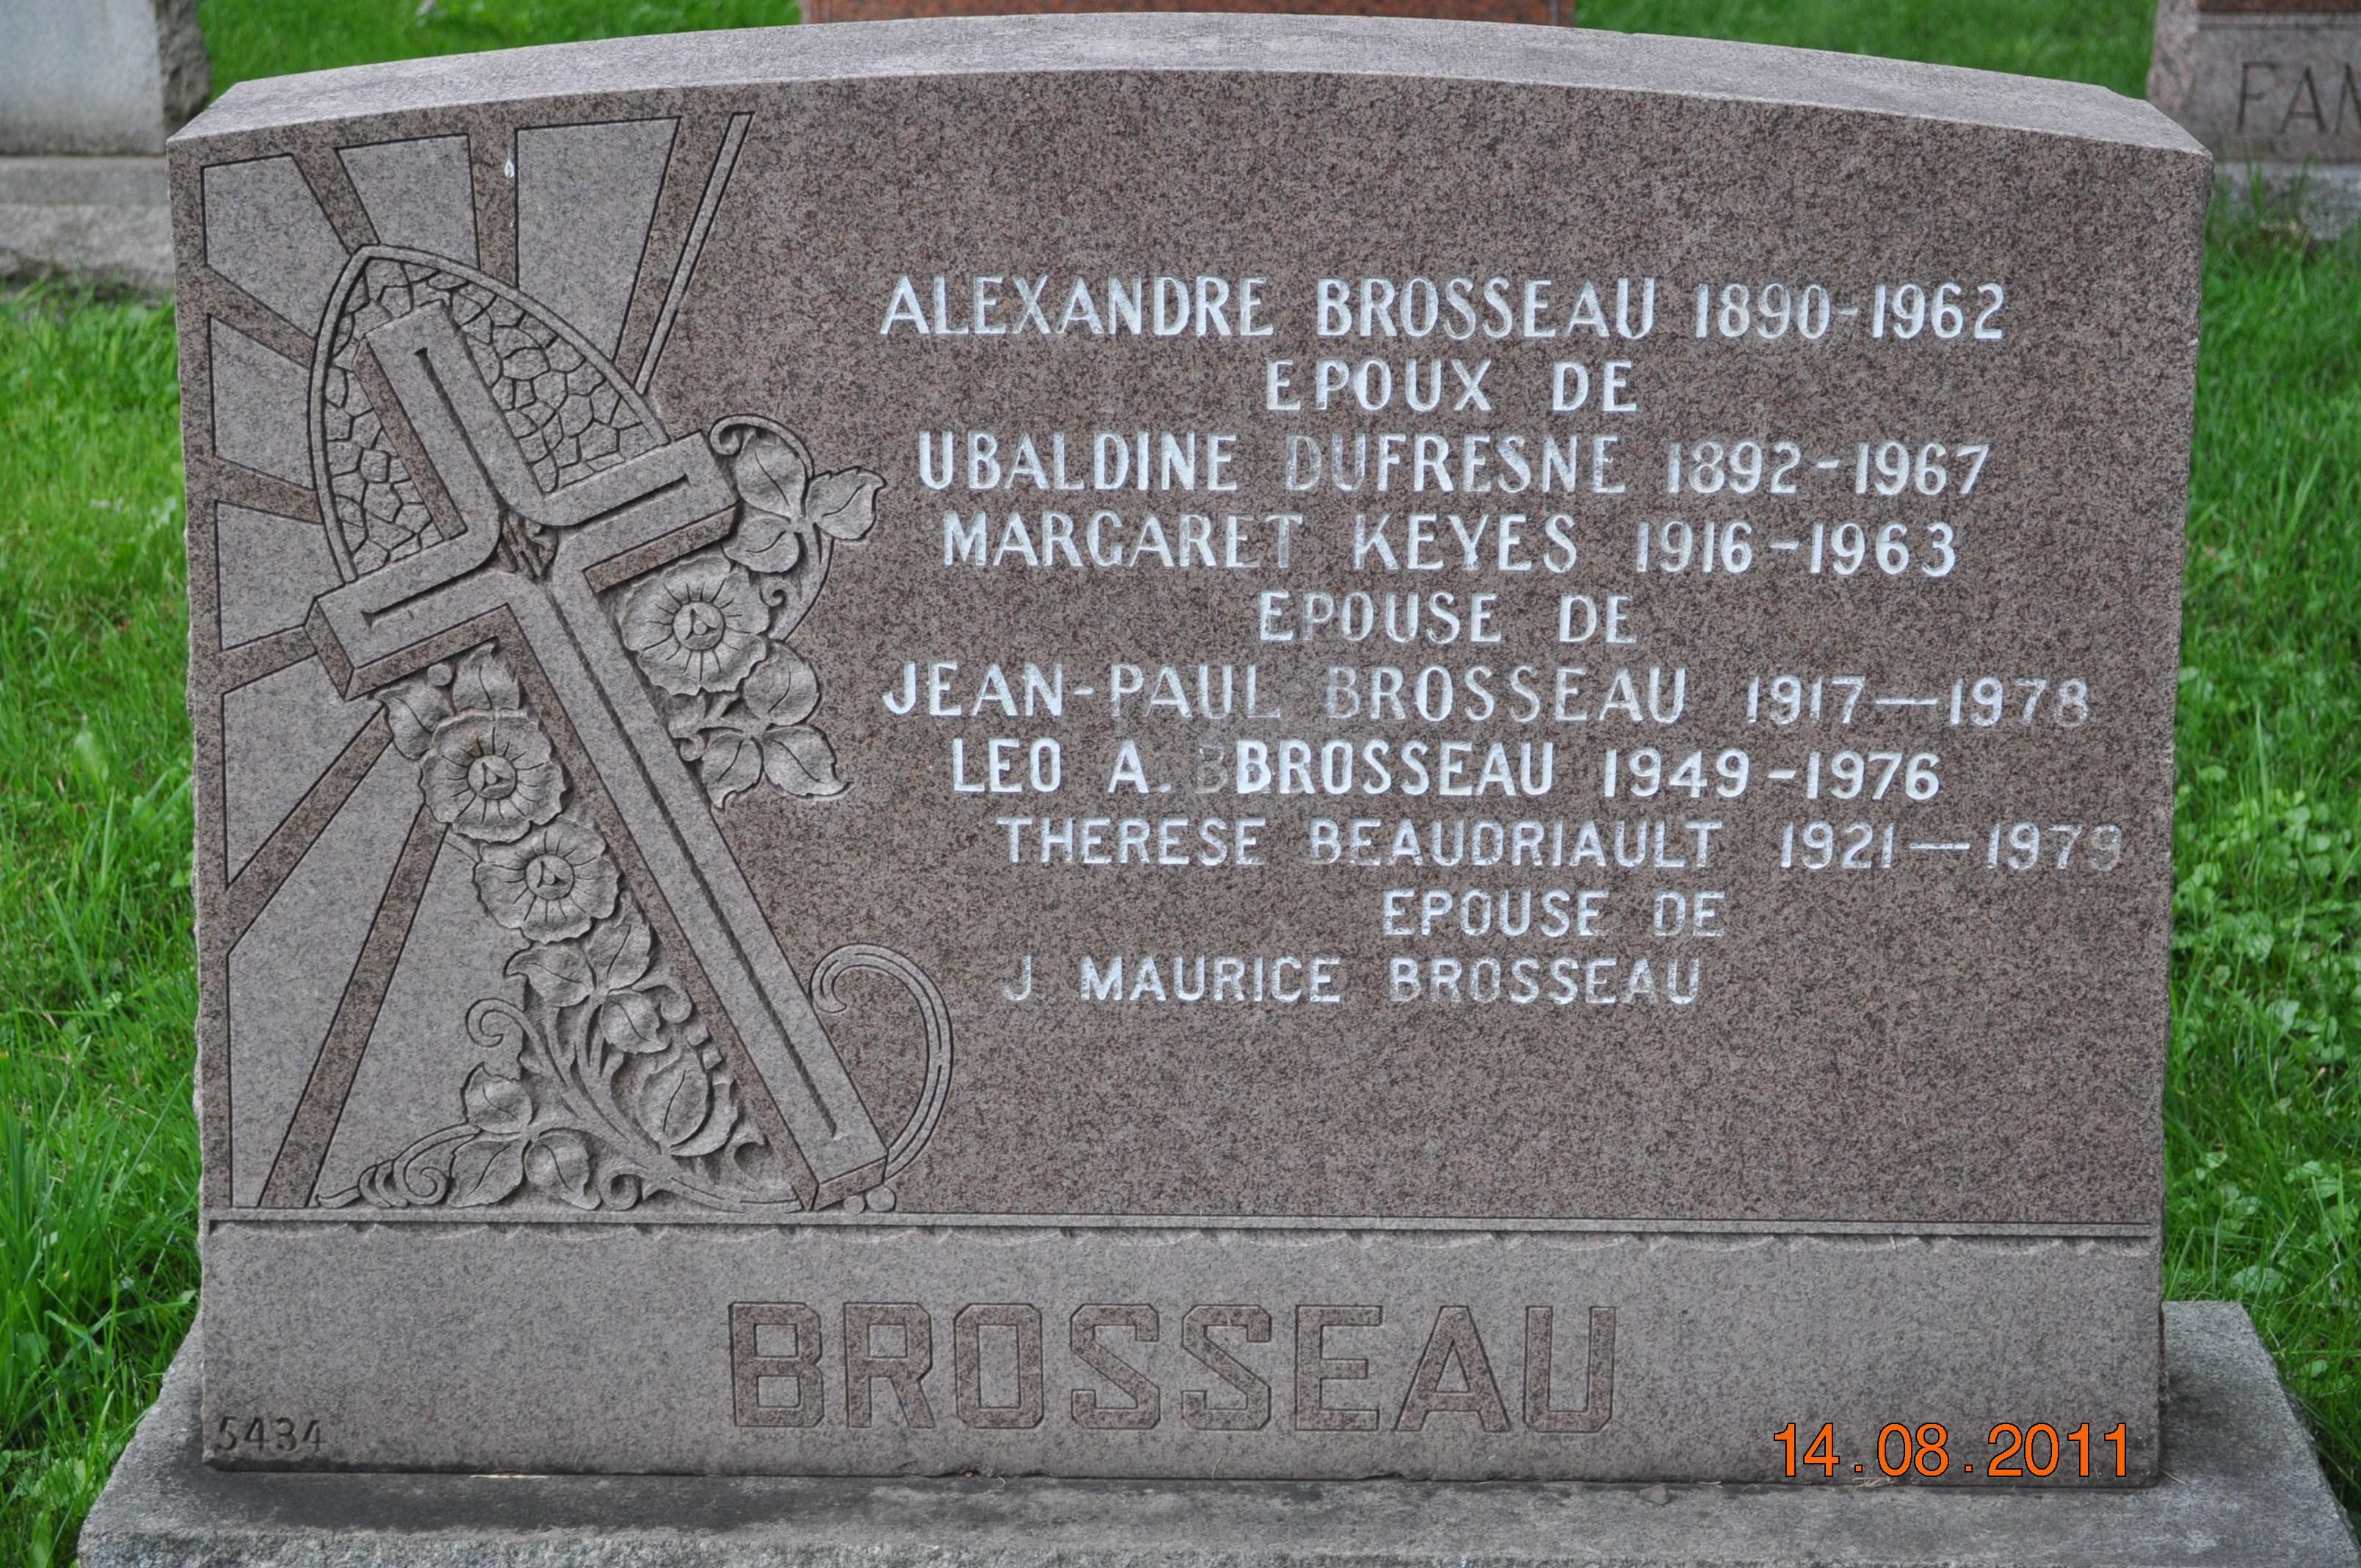 Leo Brosseau